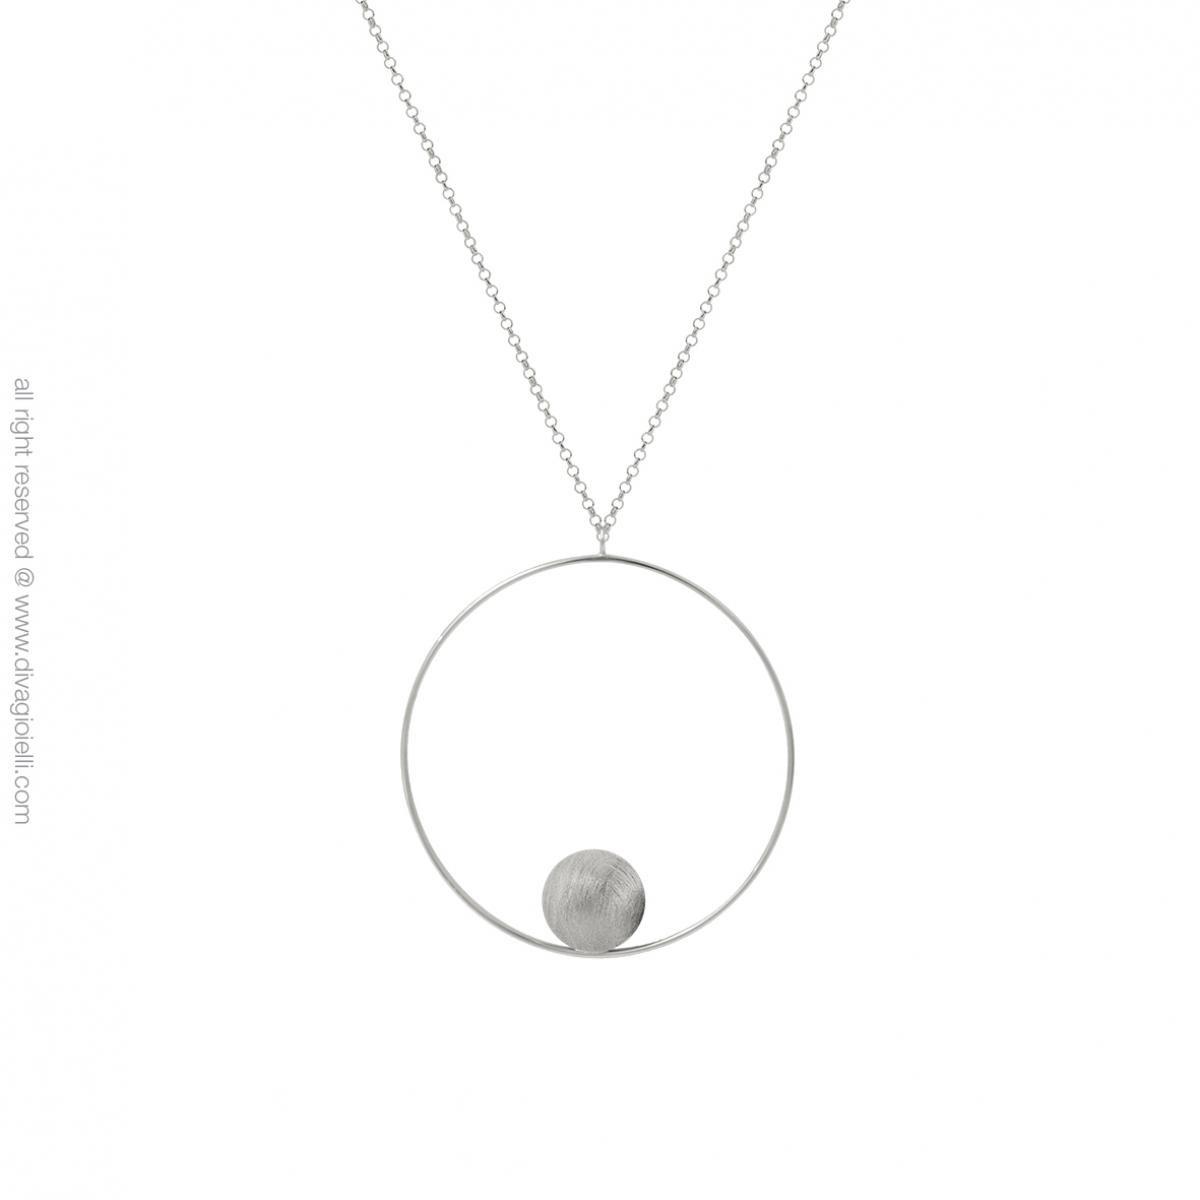 Collier Diva Gioielli 17768-001- Eclisse